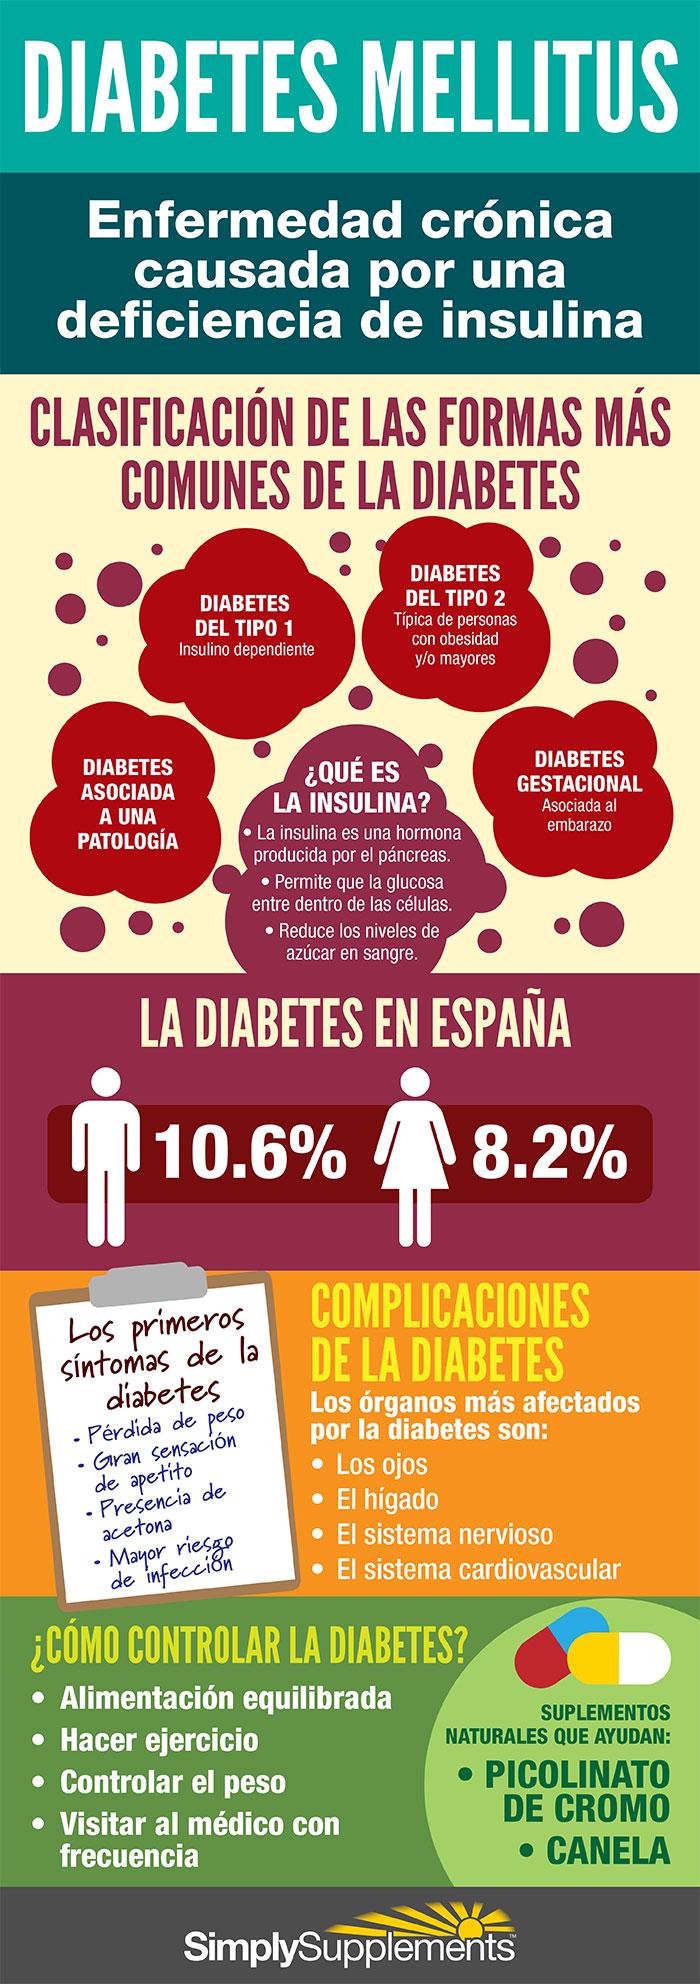 infografia-diabetes-mellitus